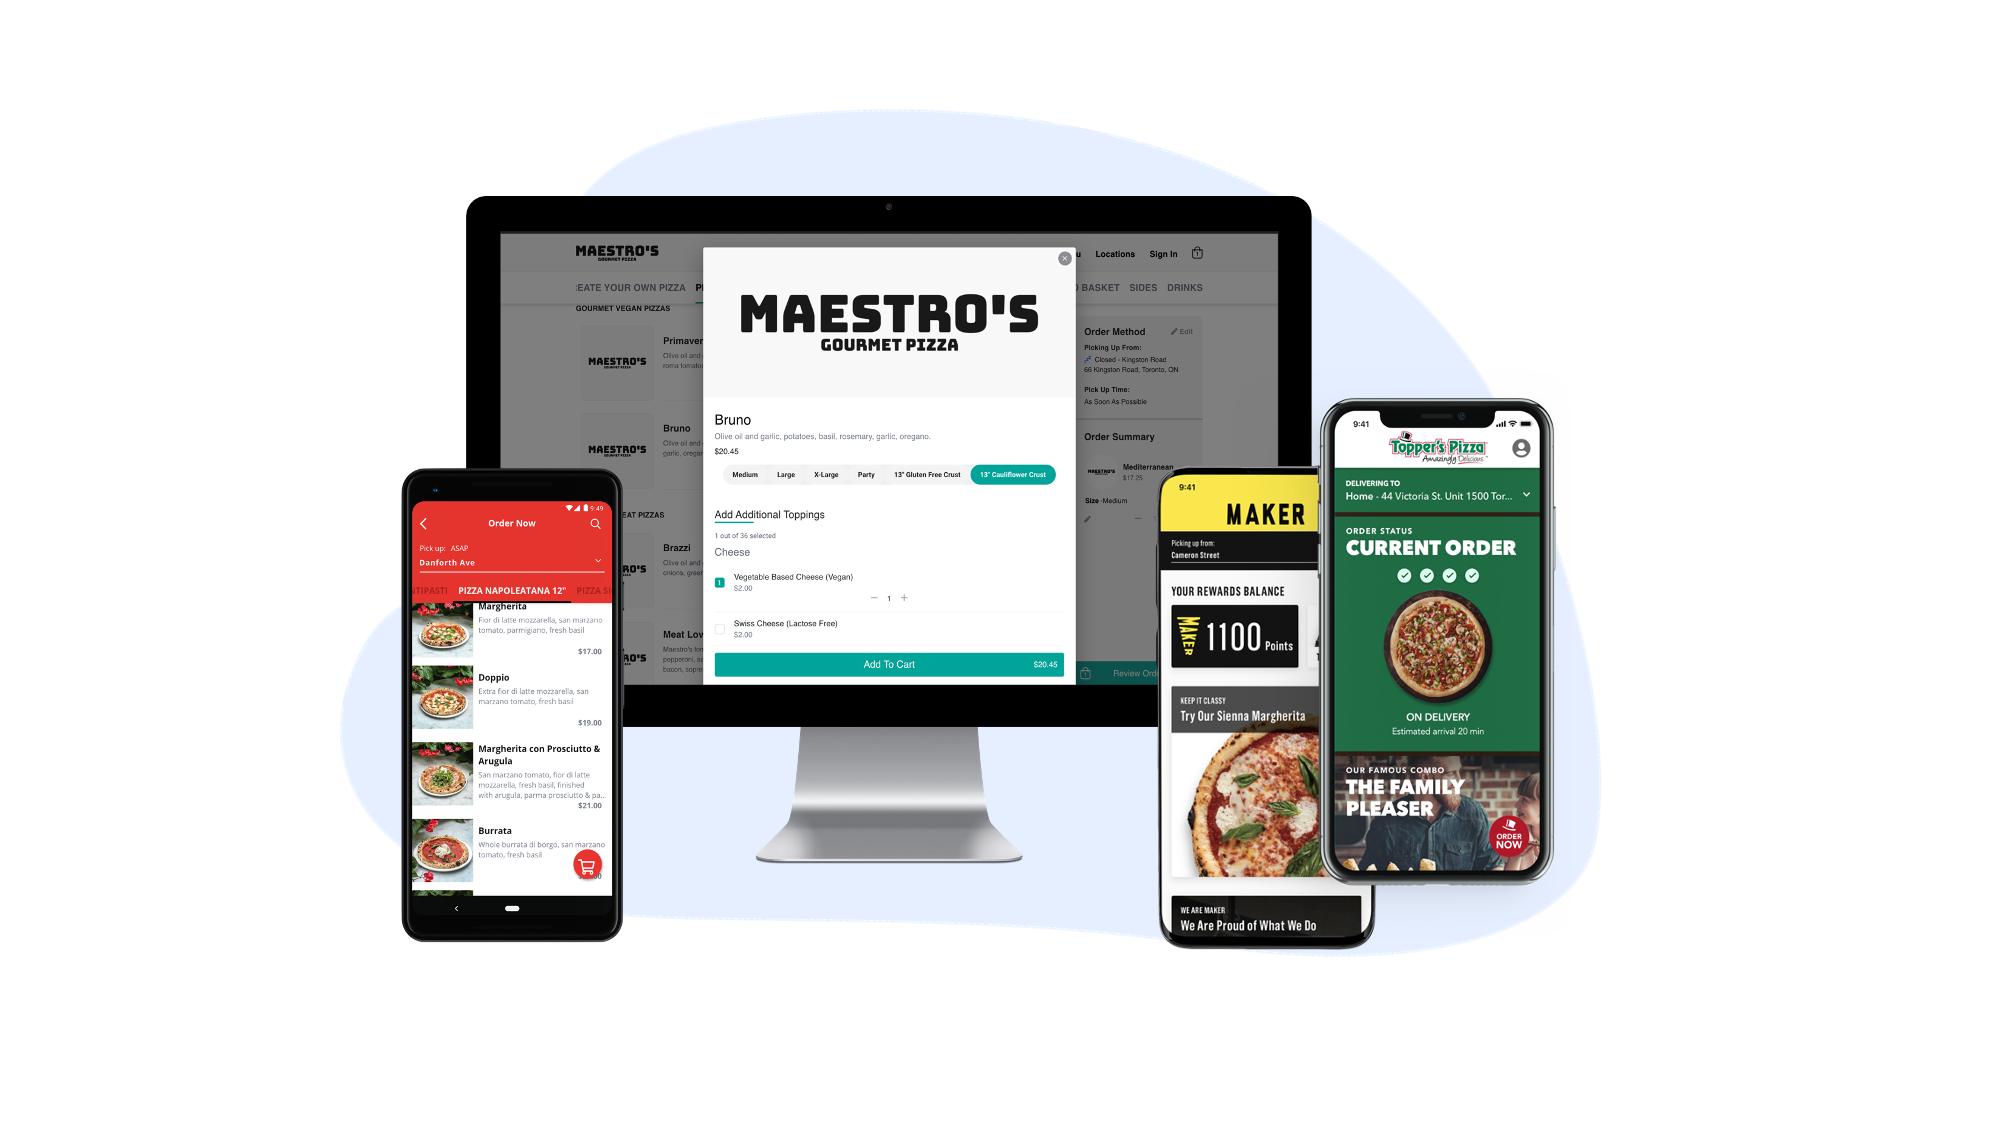 Pizzeria Libretto, Topper's Pizza and Maker Pizza mobile apps and Maestro's Pizza web ordering